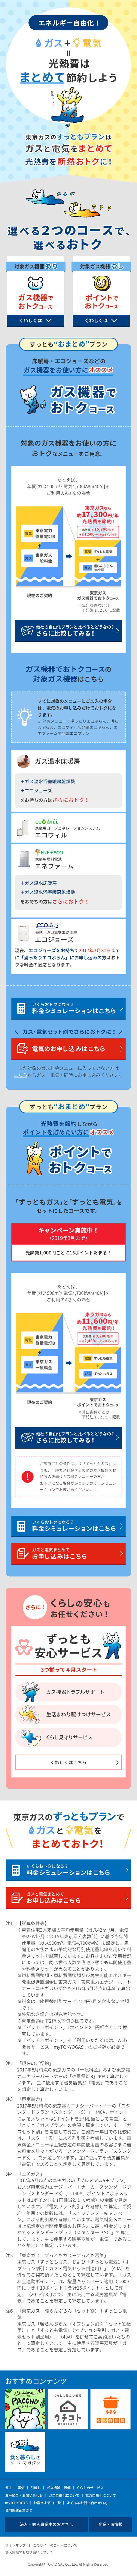 東京ガス様の「ずっともプラン」のスマホランディングページ(LP)信頼・安心系|サービス・保険・金融 #LP #ランディングページ #ランペ #ずっともプラン